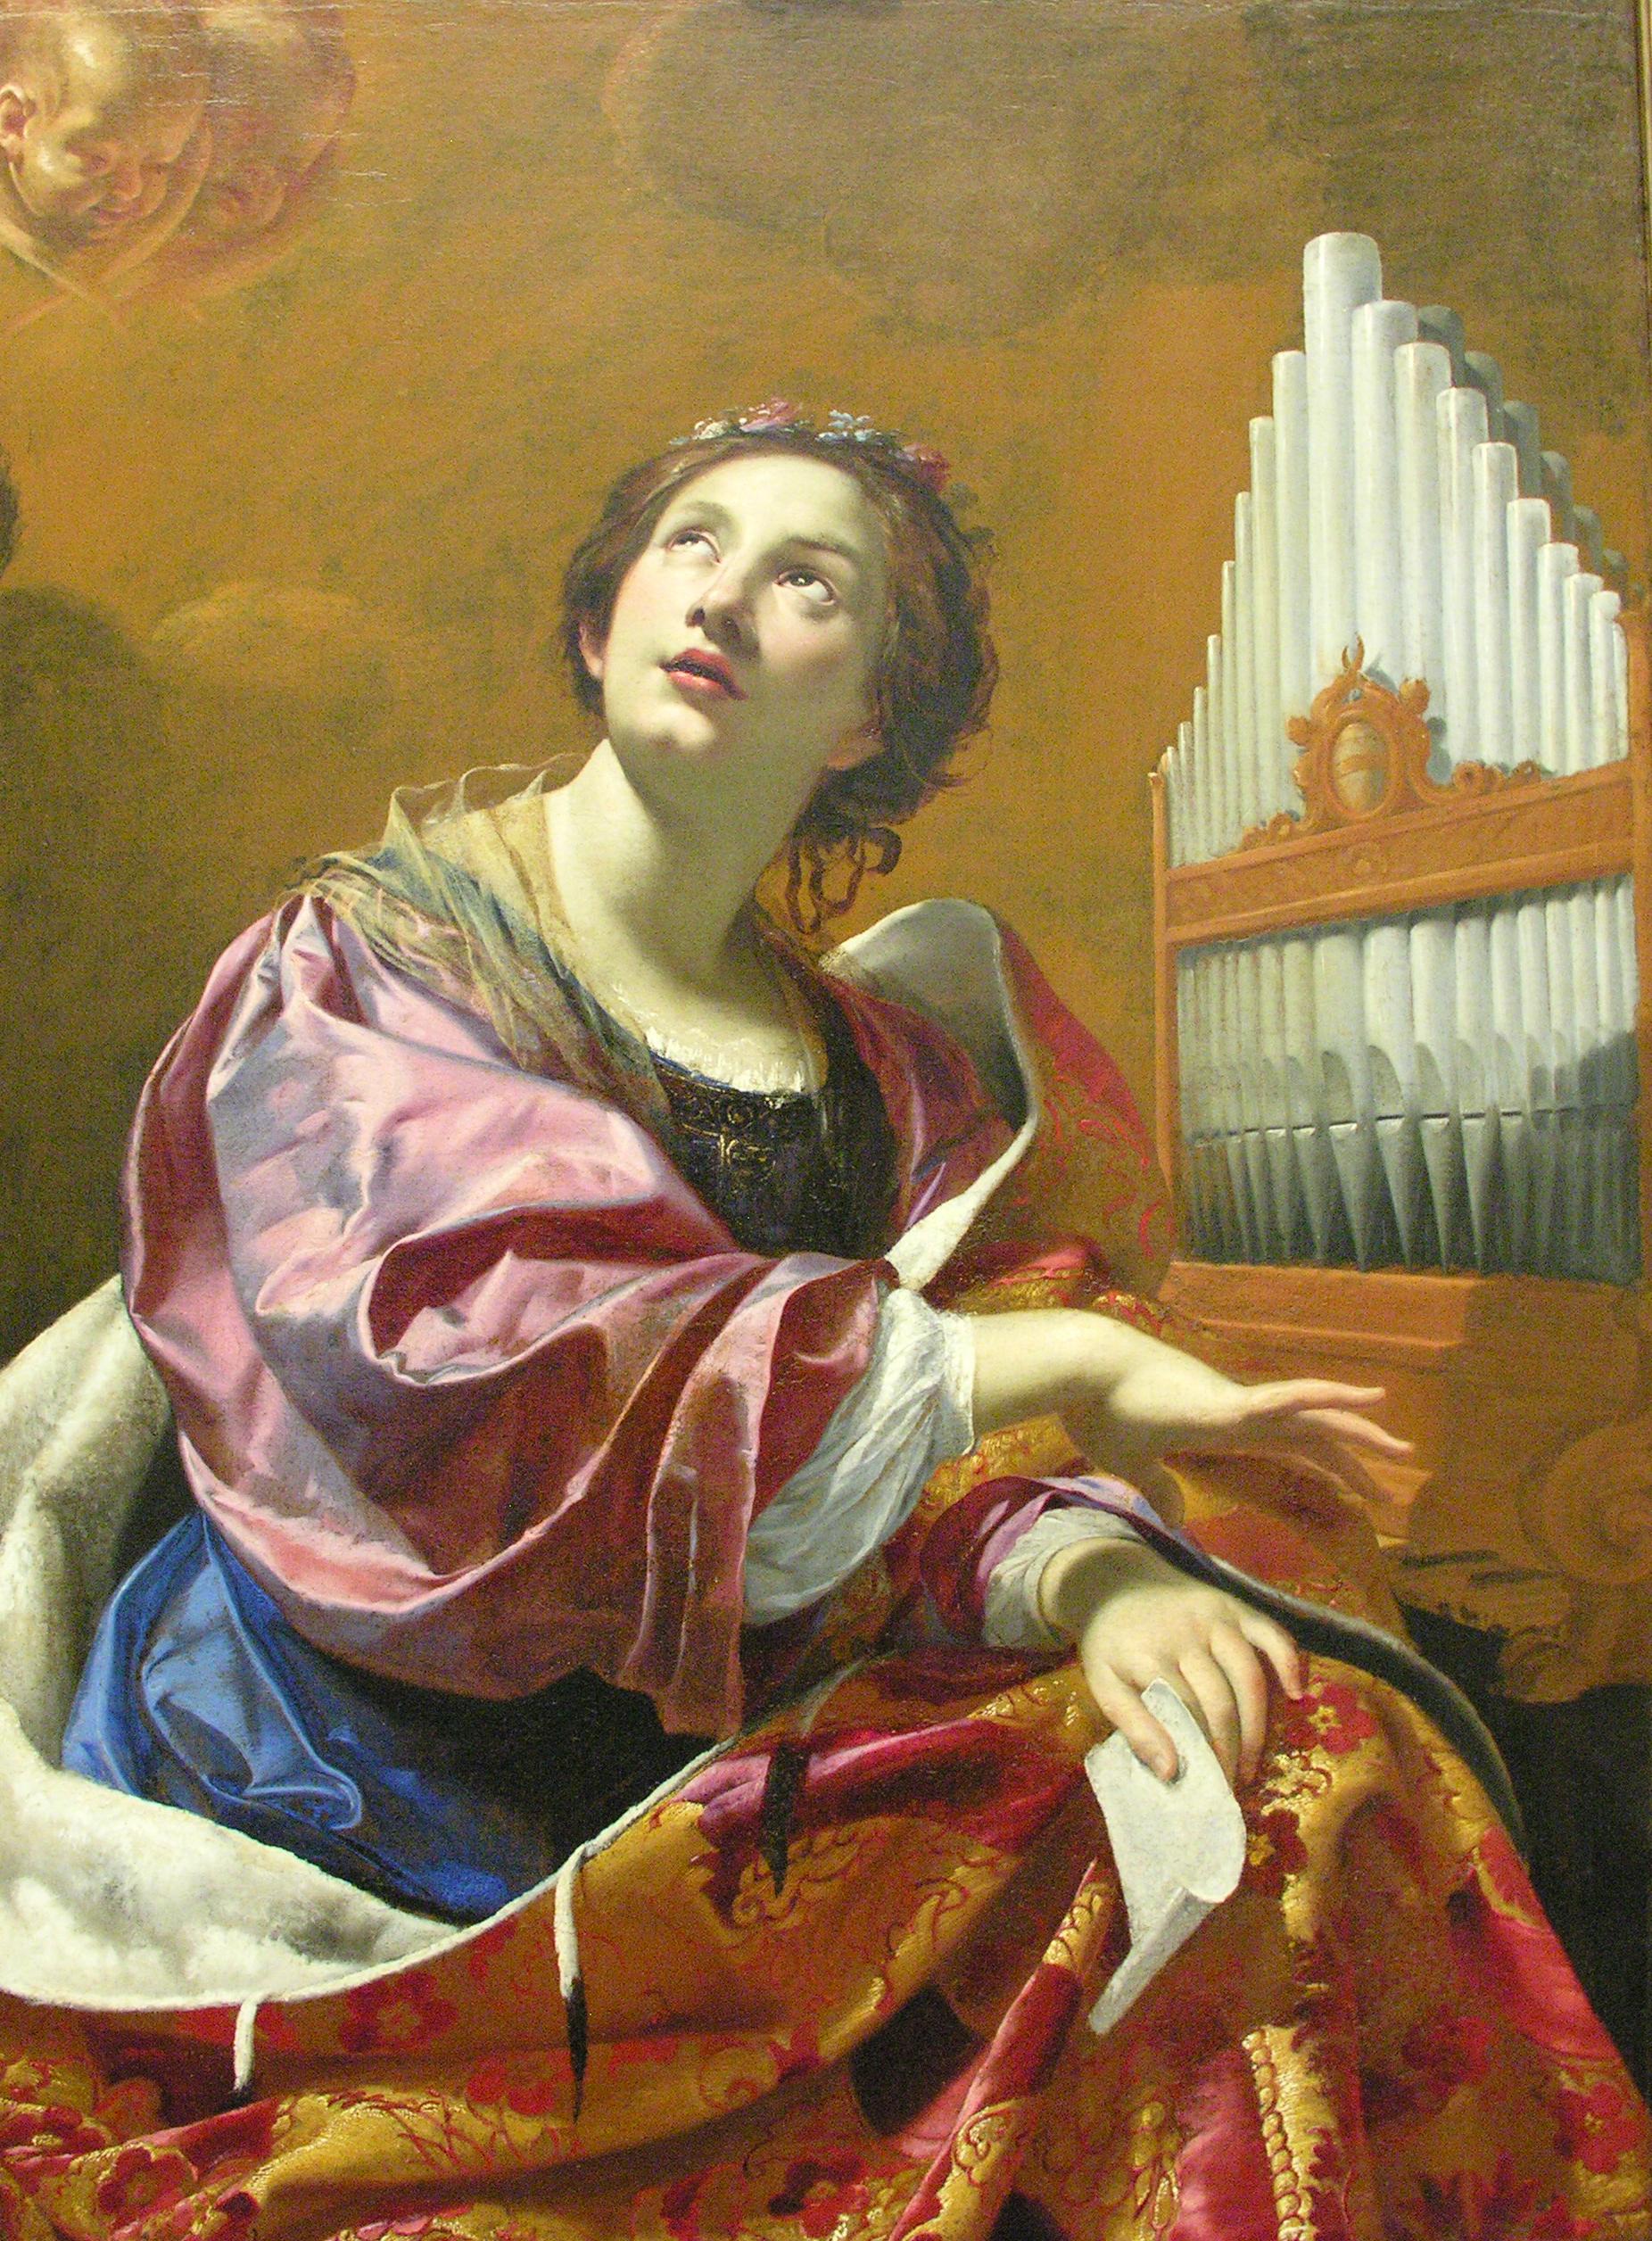 Kết quả hình ảnh cho thánh nữ cecilia